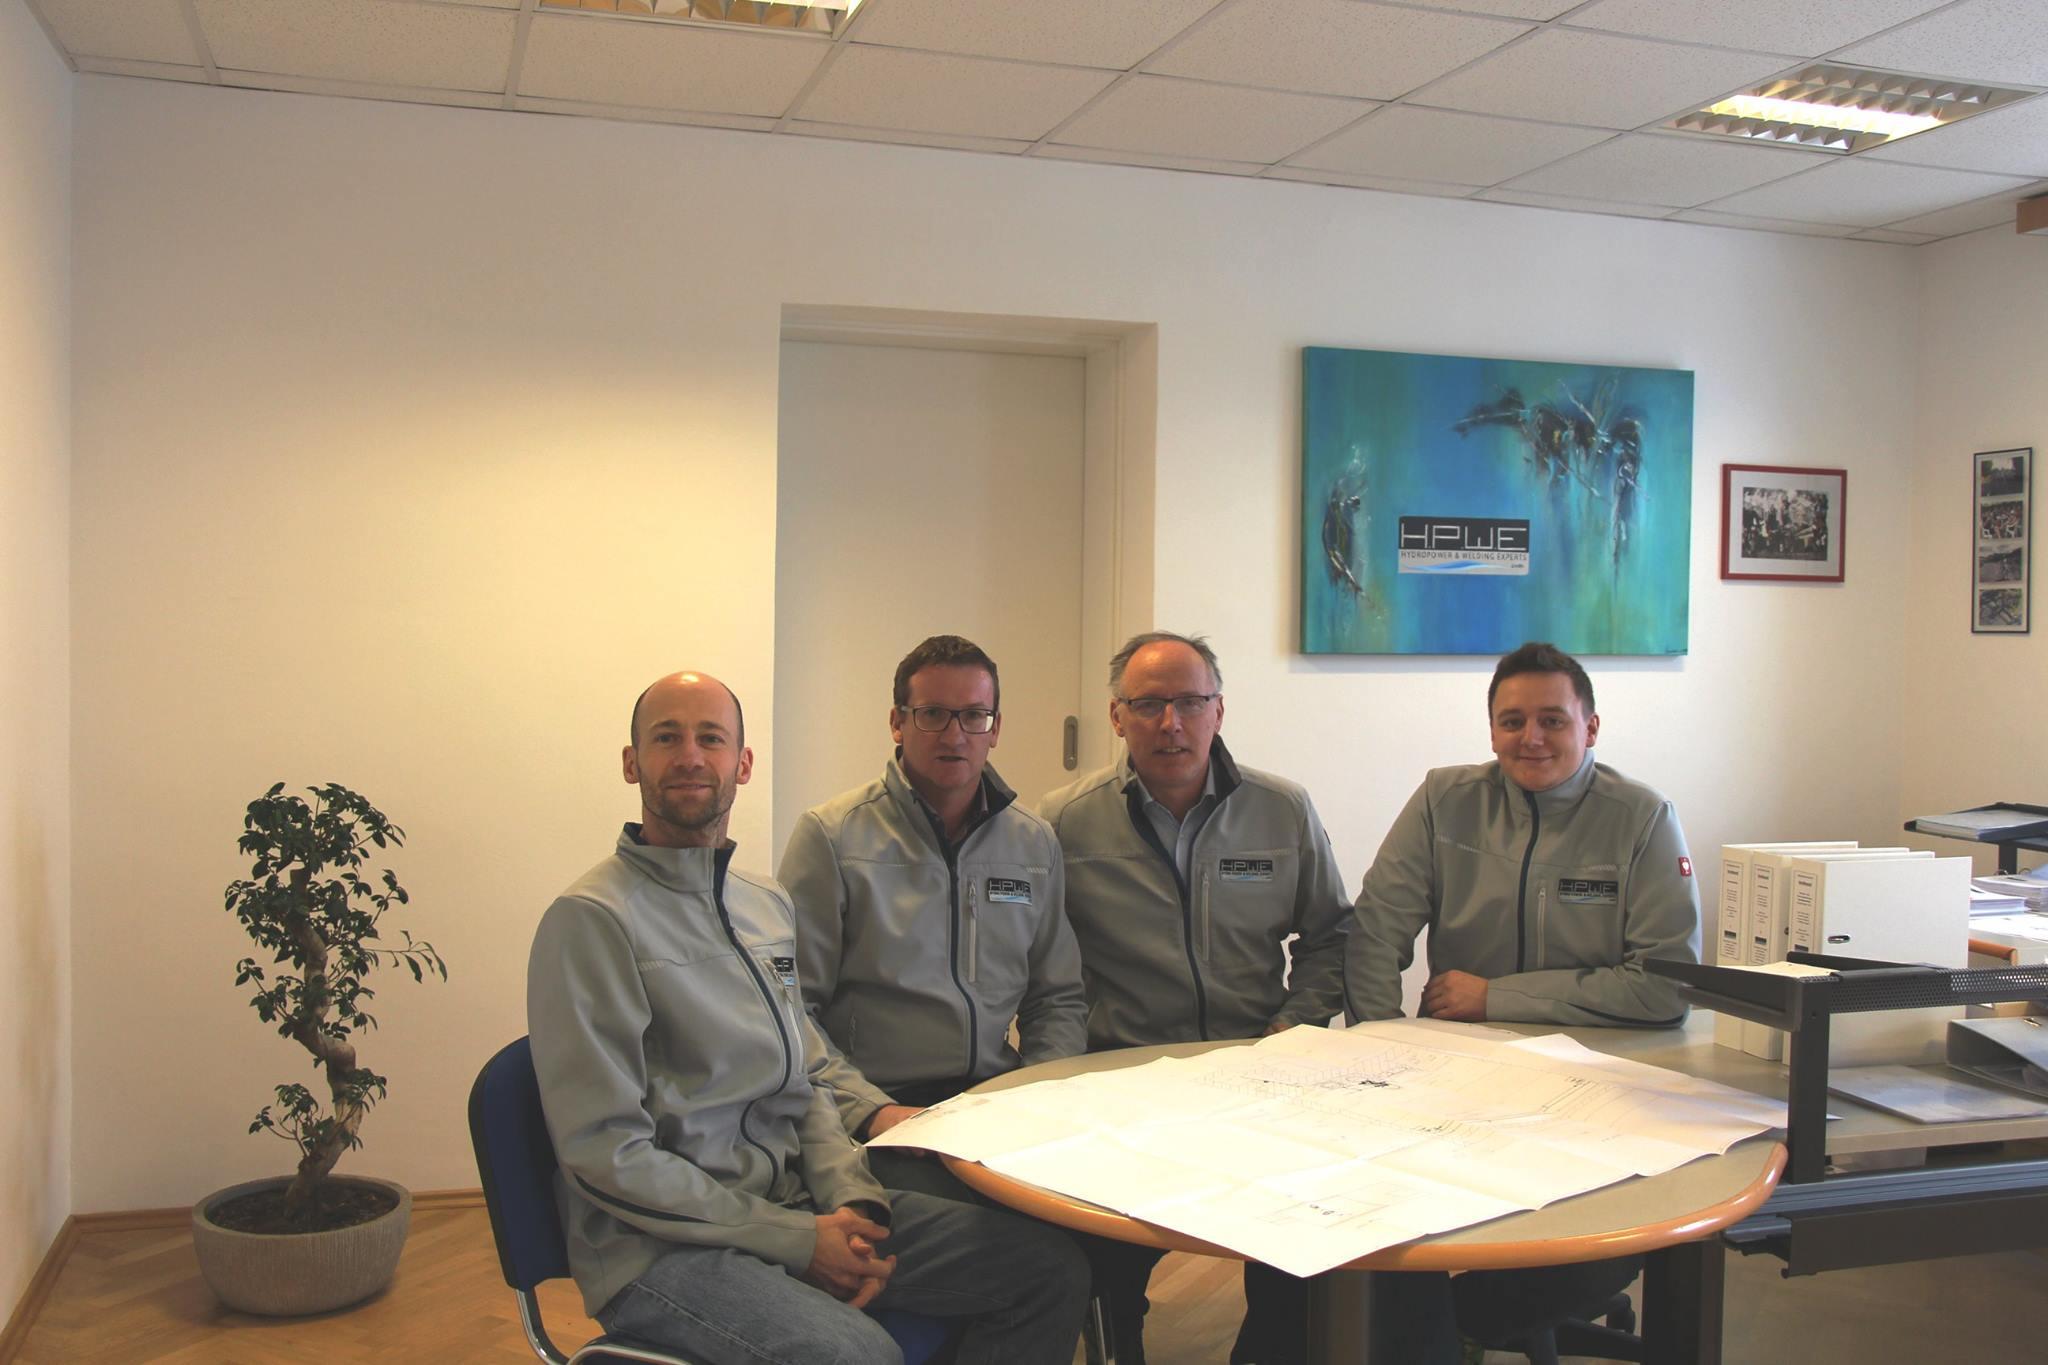 HPWE Team